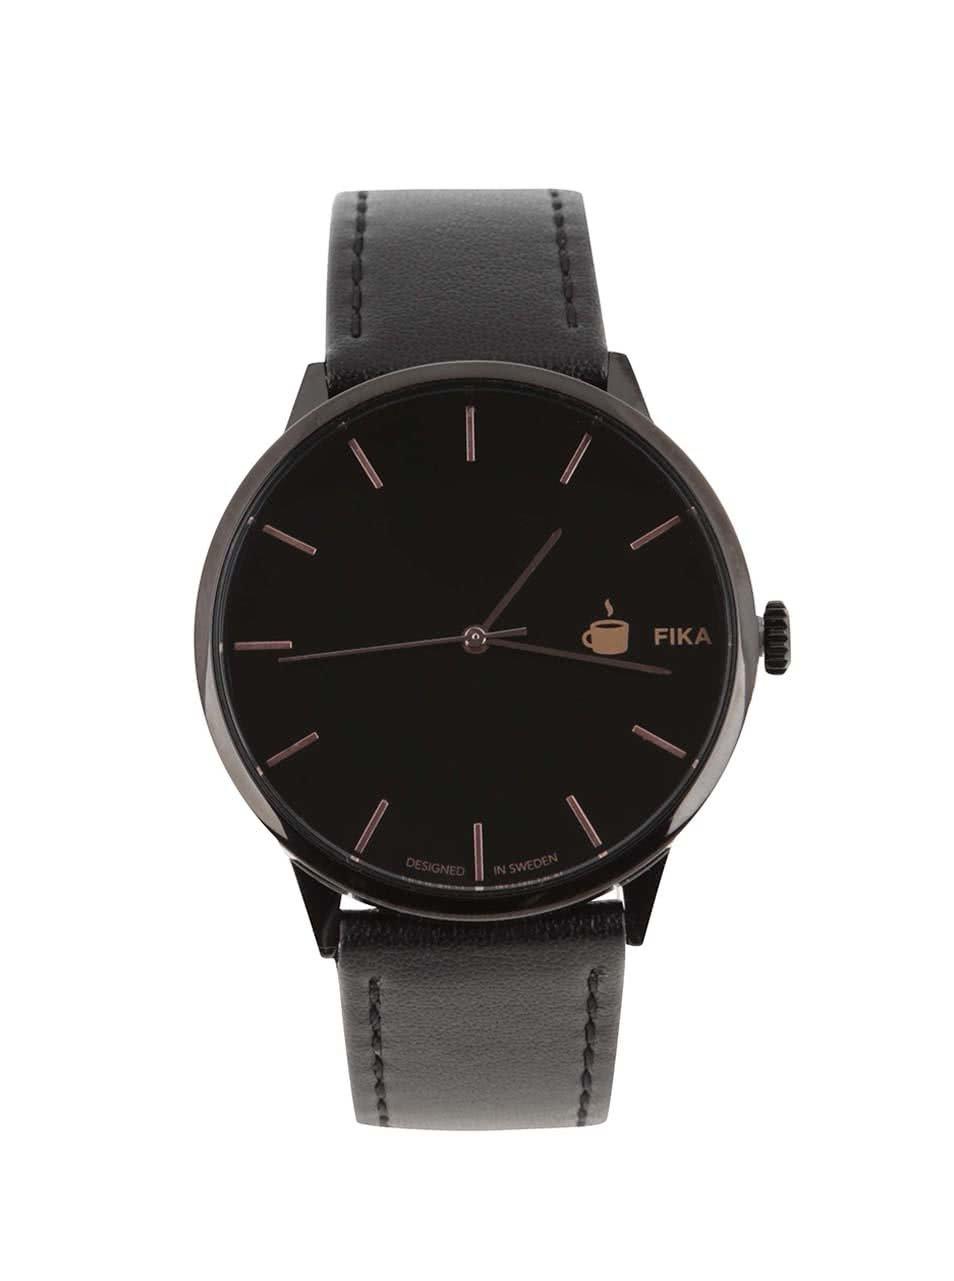 Černé unisex hodinky s páskem z veganské kůže Cheapo Khorshid Fika ... e18a46c030